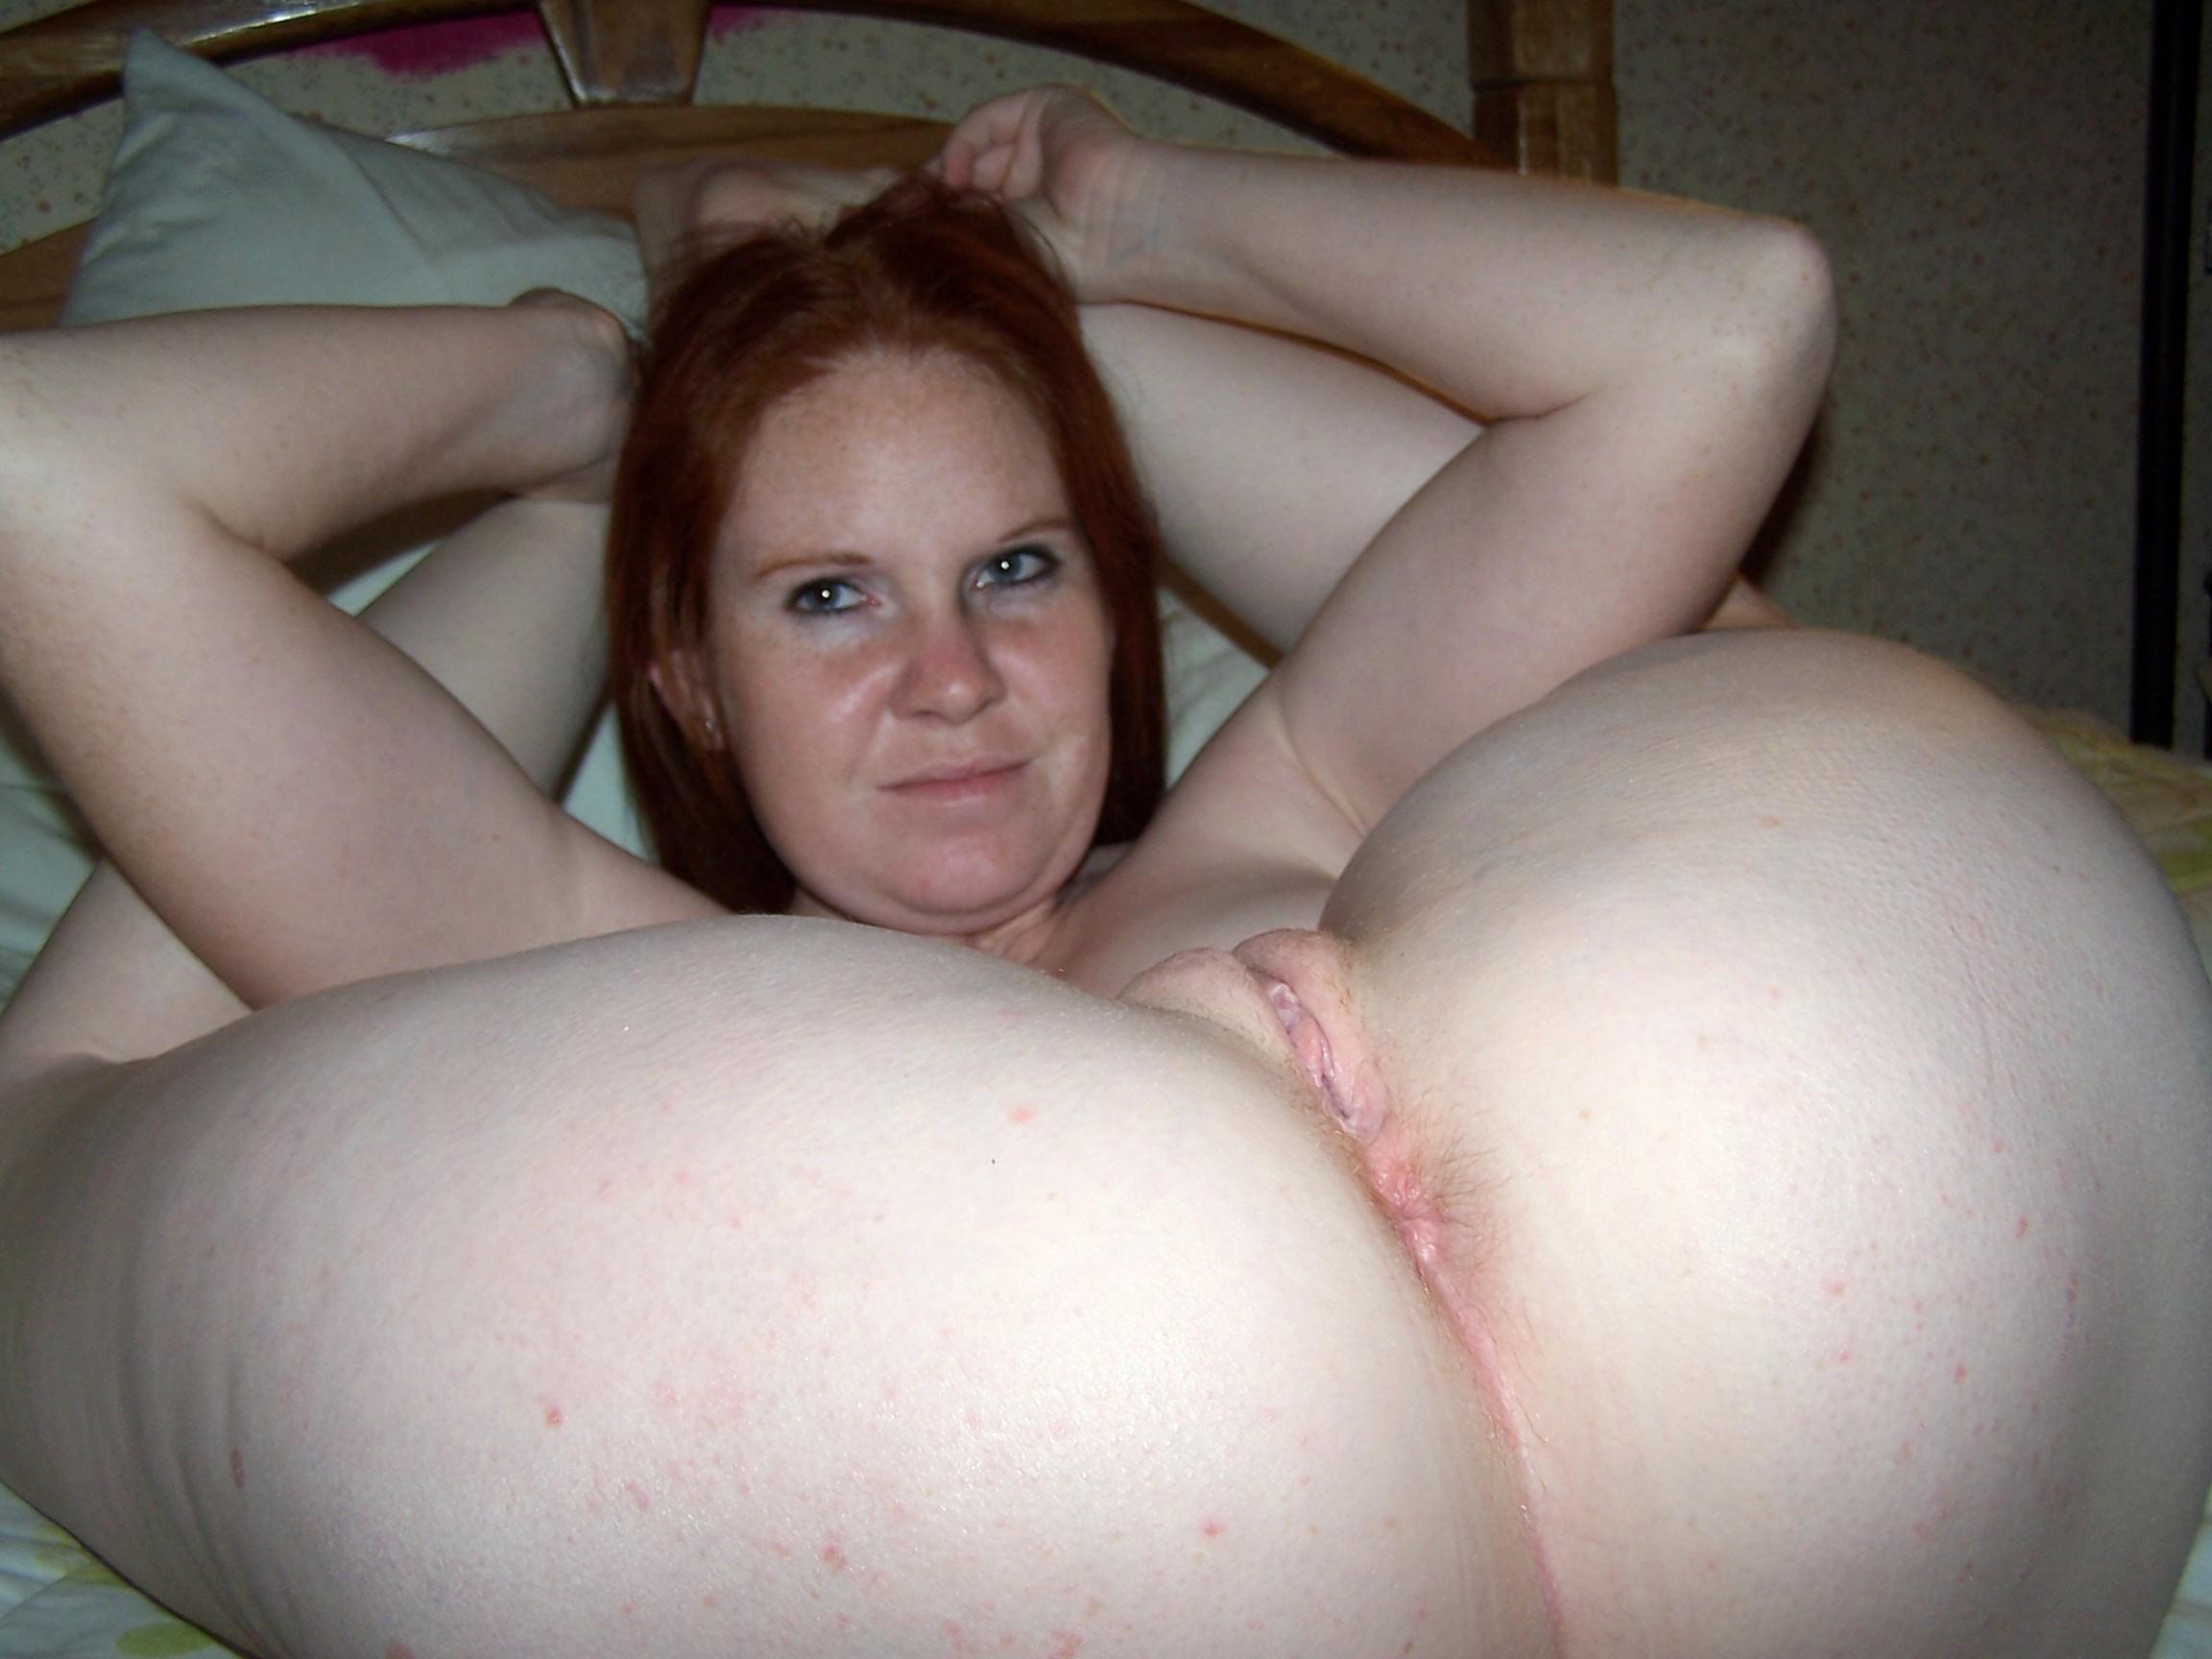 ass Amateur pussy sluts